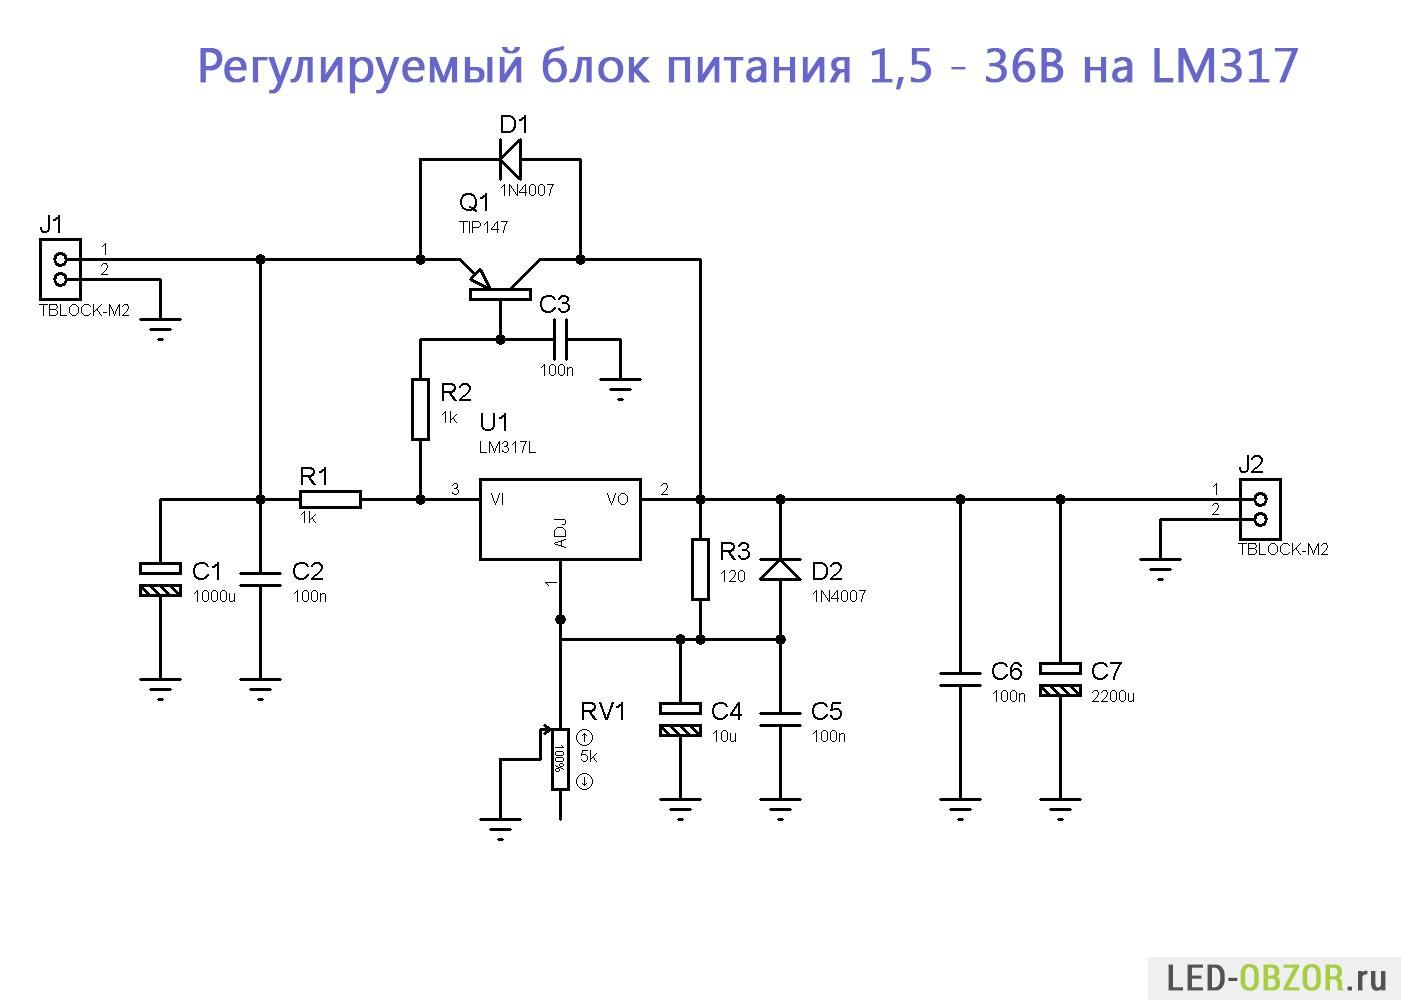 Схемы источник питания на lm317